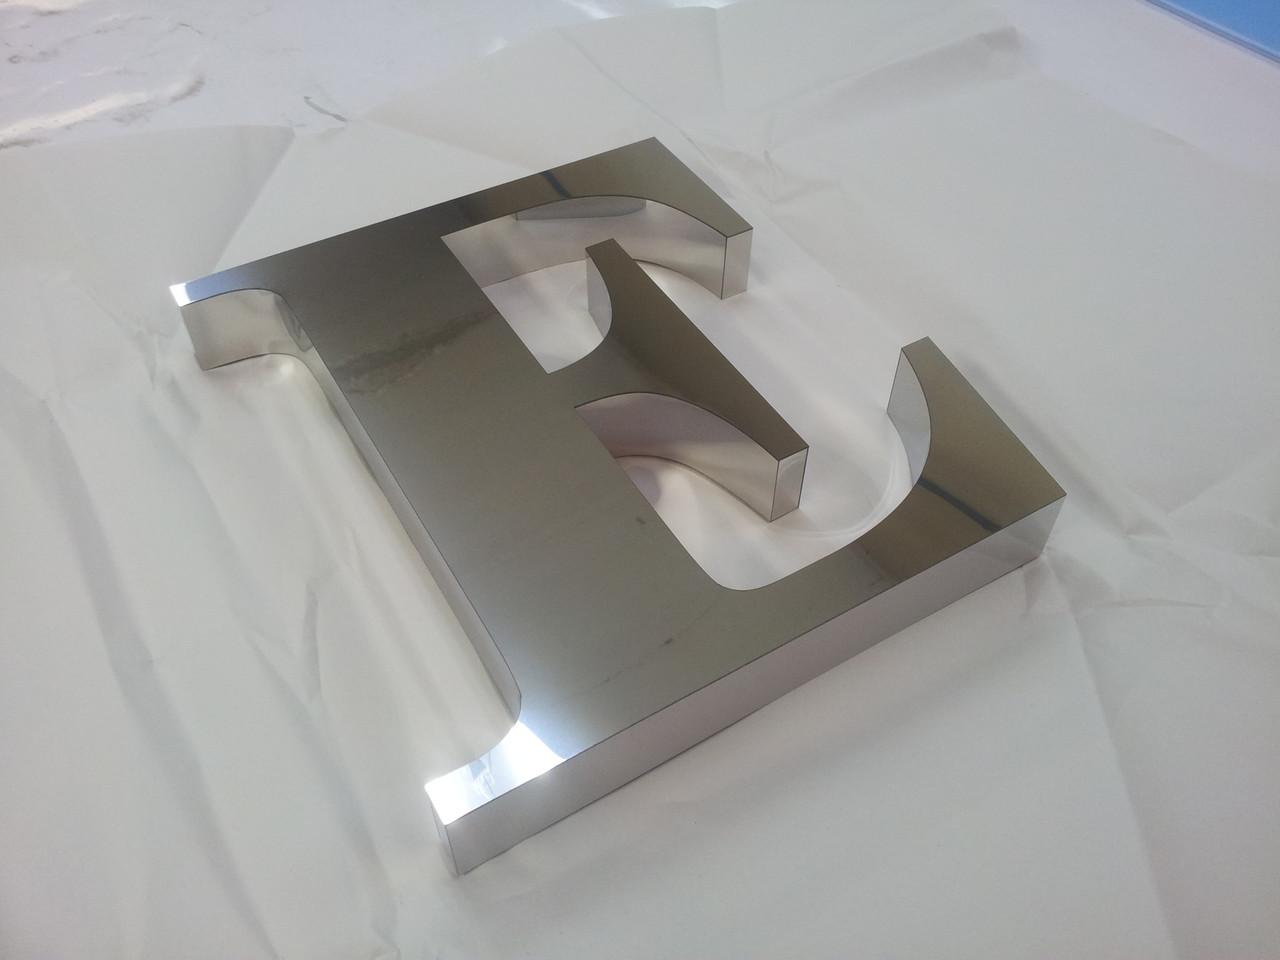 Металлические объемные буквы из полированной нержавейки под серебро.